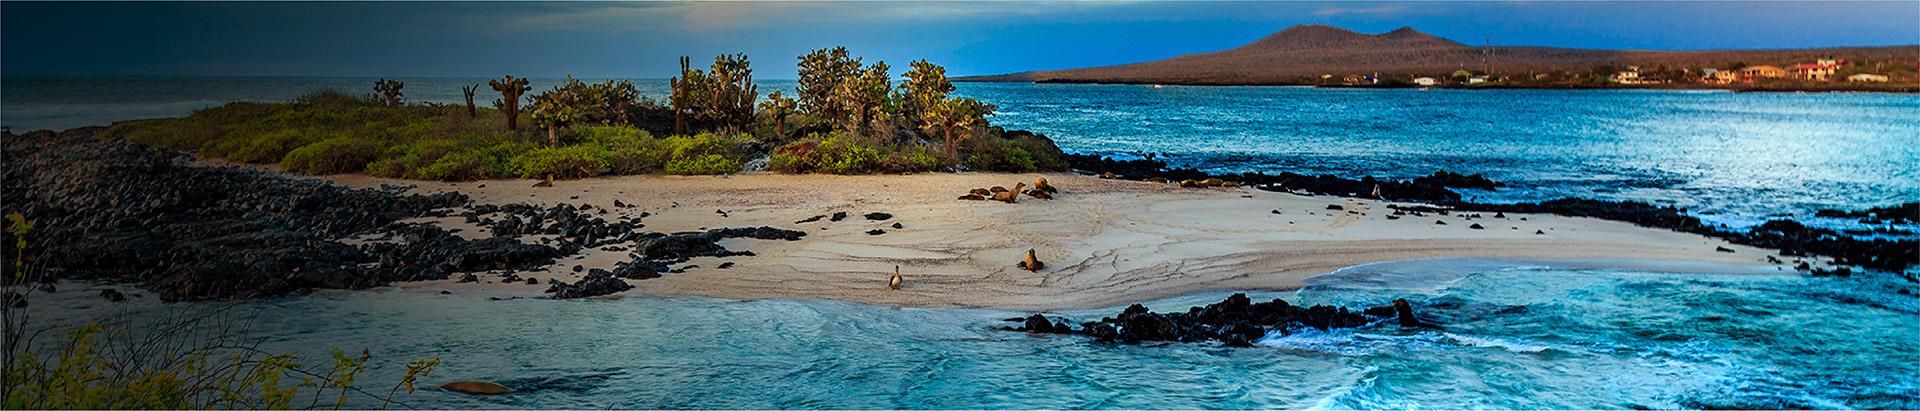 El famoso island-hopping de Galápagos